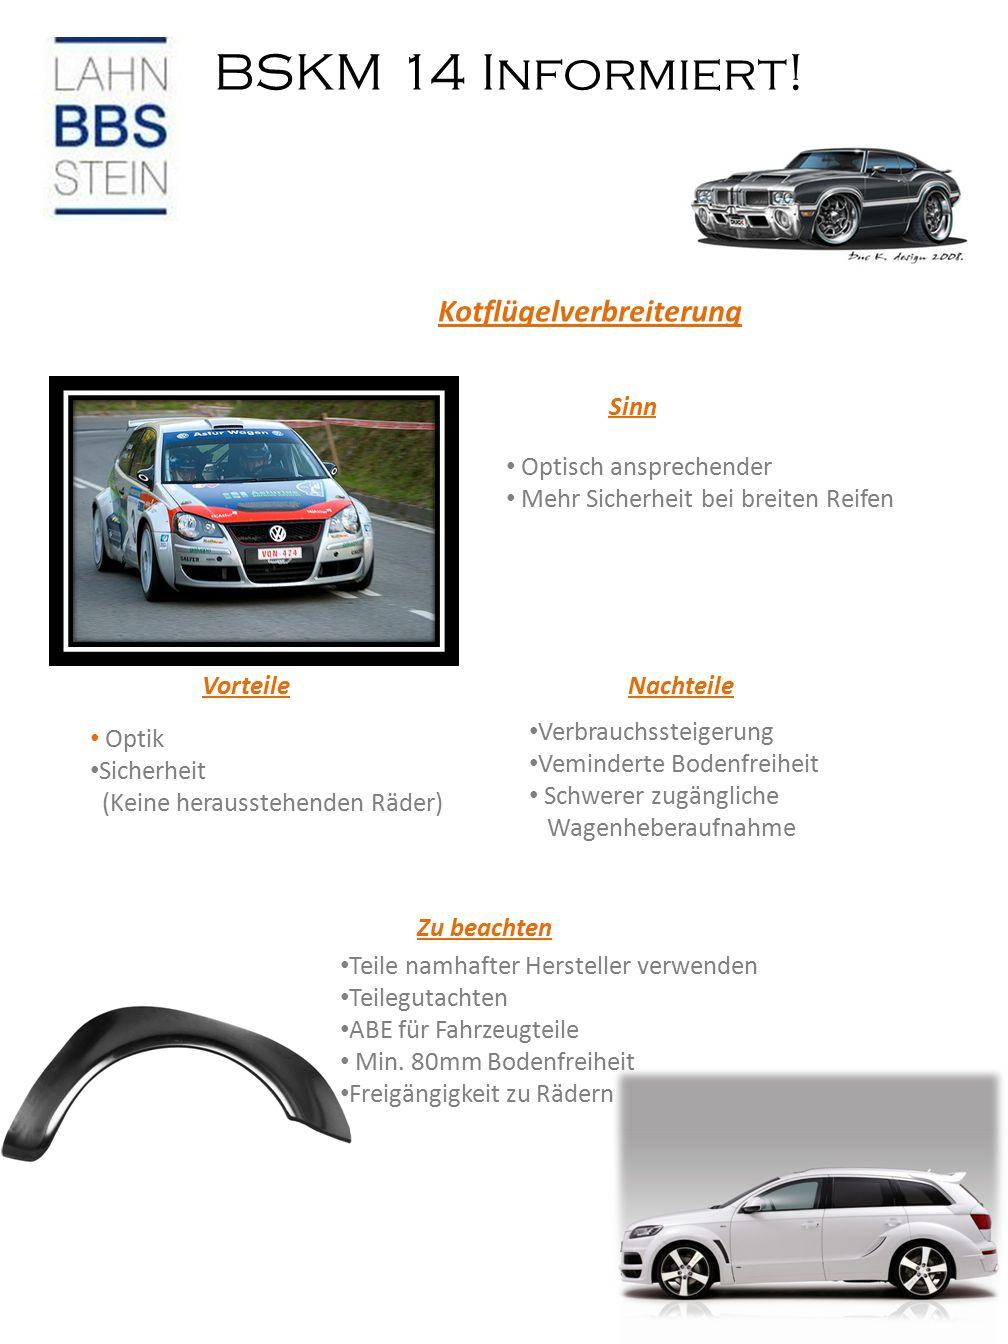 BSKM 14 Informiert! Kotflügelverbreiterung Sinn Optisch ansprechender Mehr Sicherheit bei breiten Reifen VorteileNachteile Optik Sicherheit (Keine her